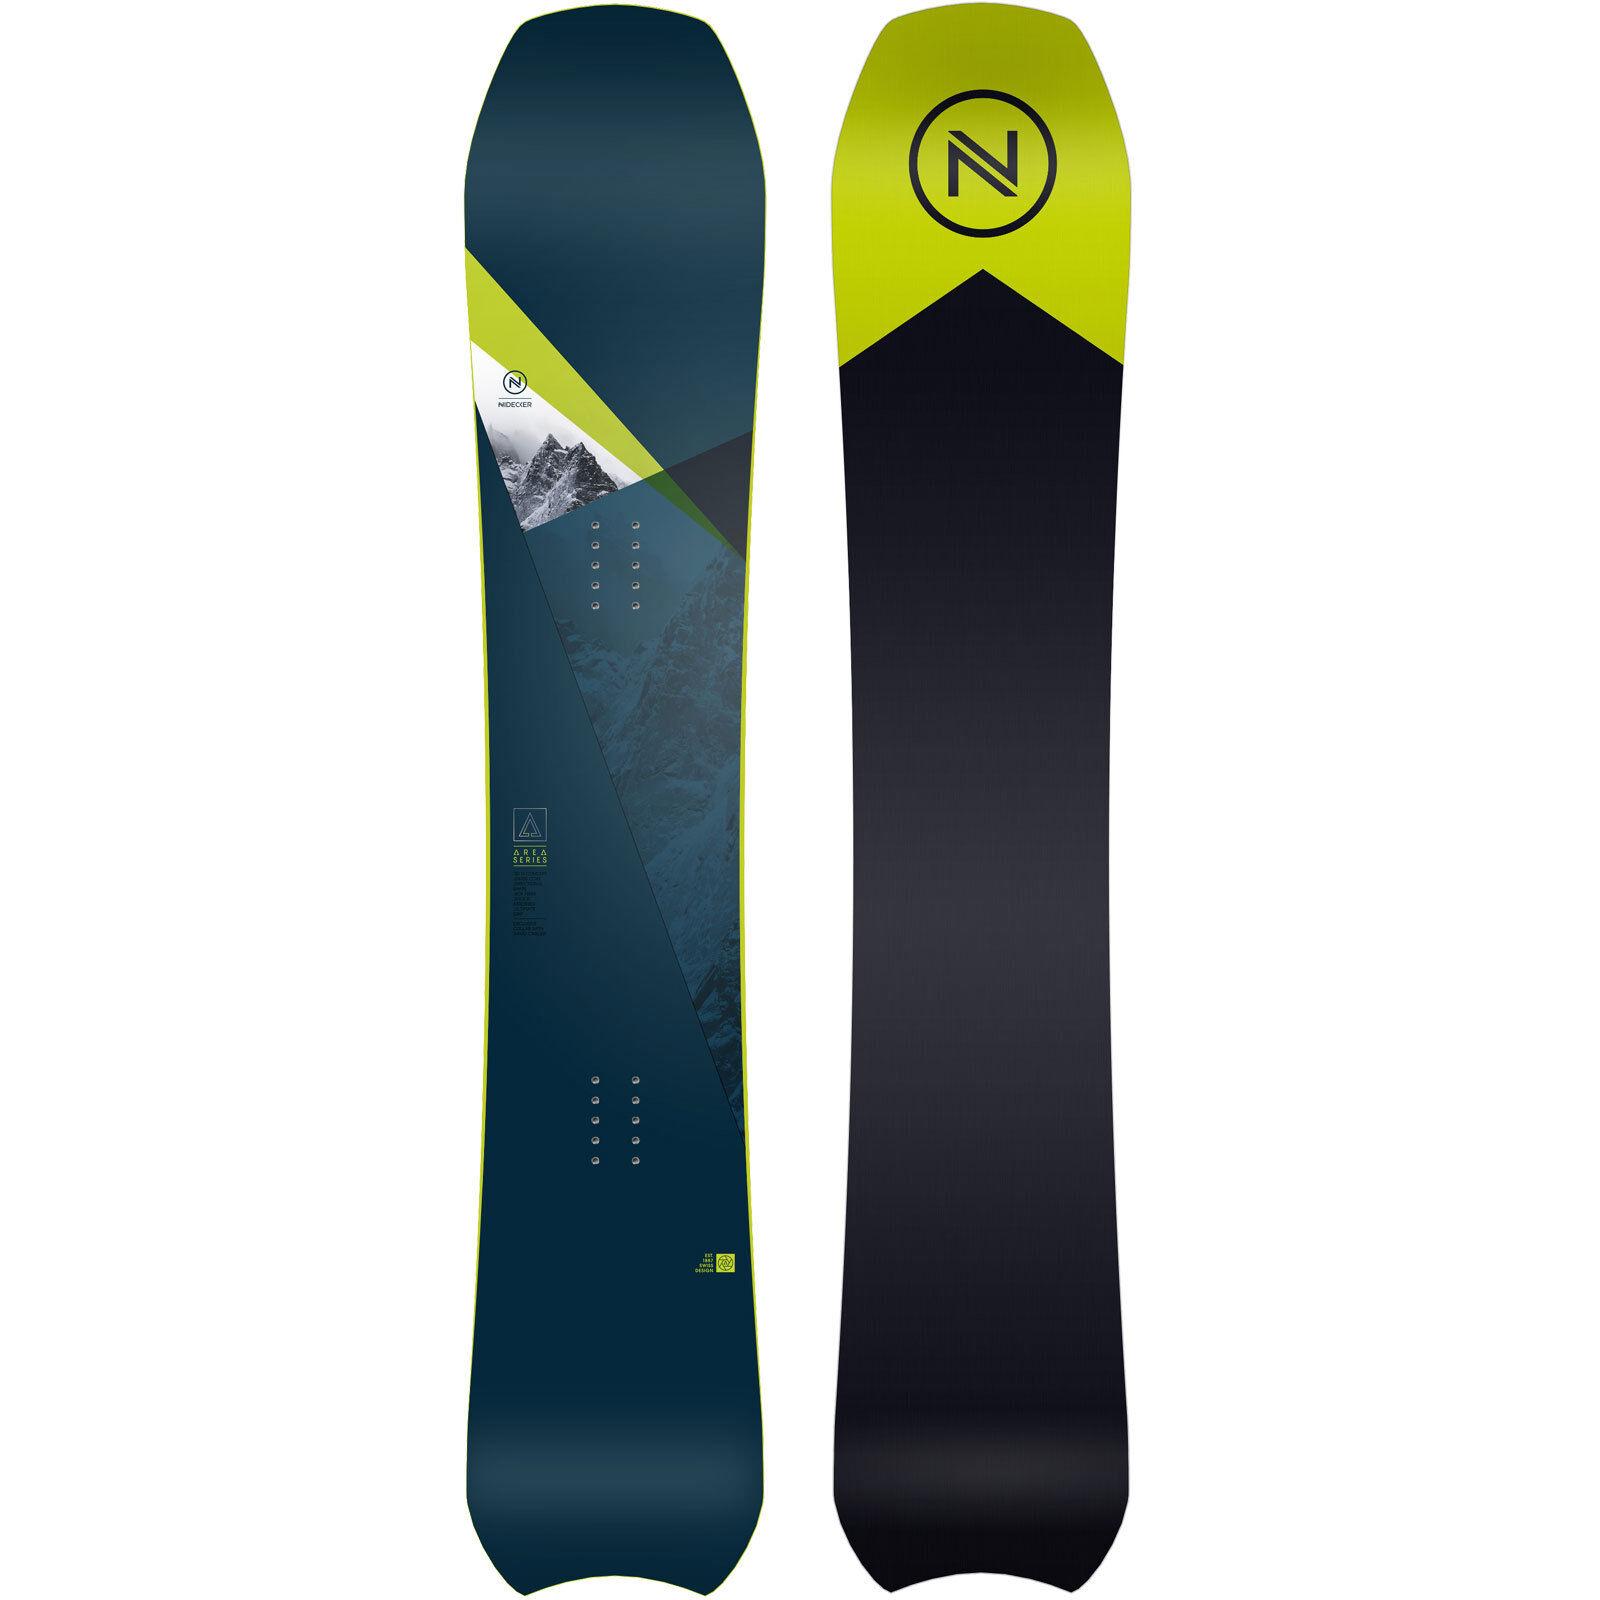 Nidecker Área Hombres Snowboard Freeride Alpino All Mountain 2019 Nuevo